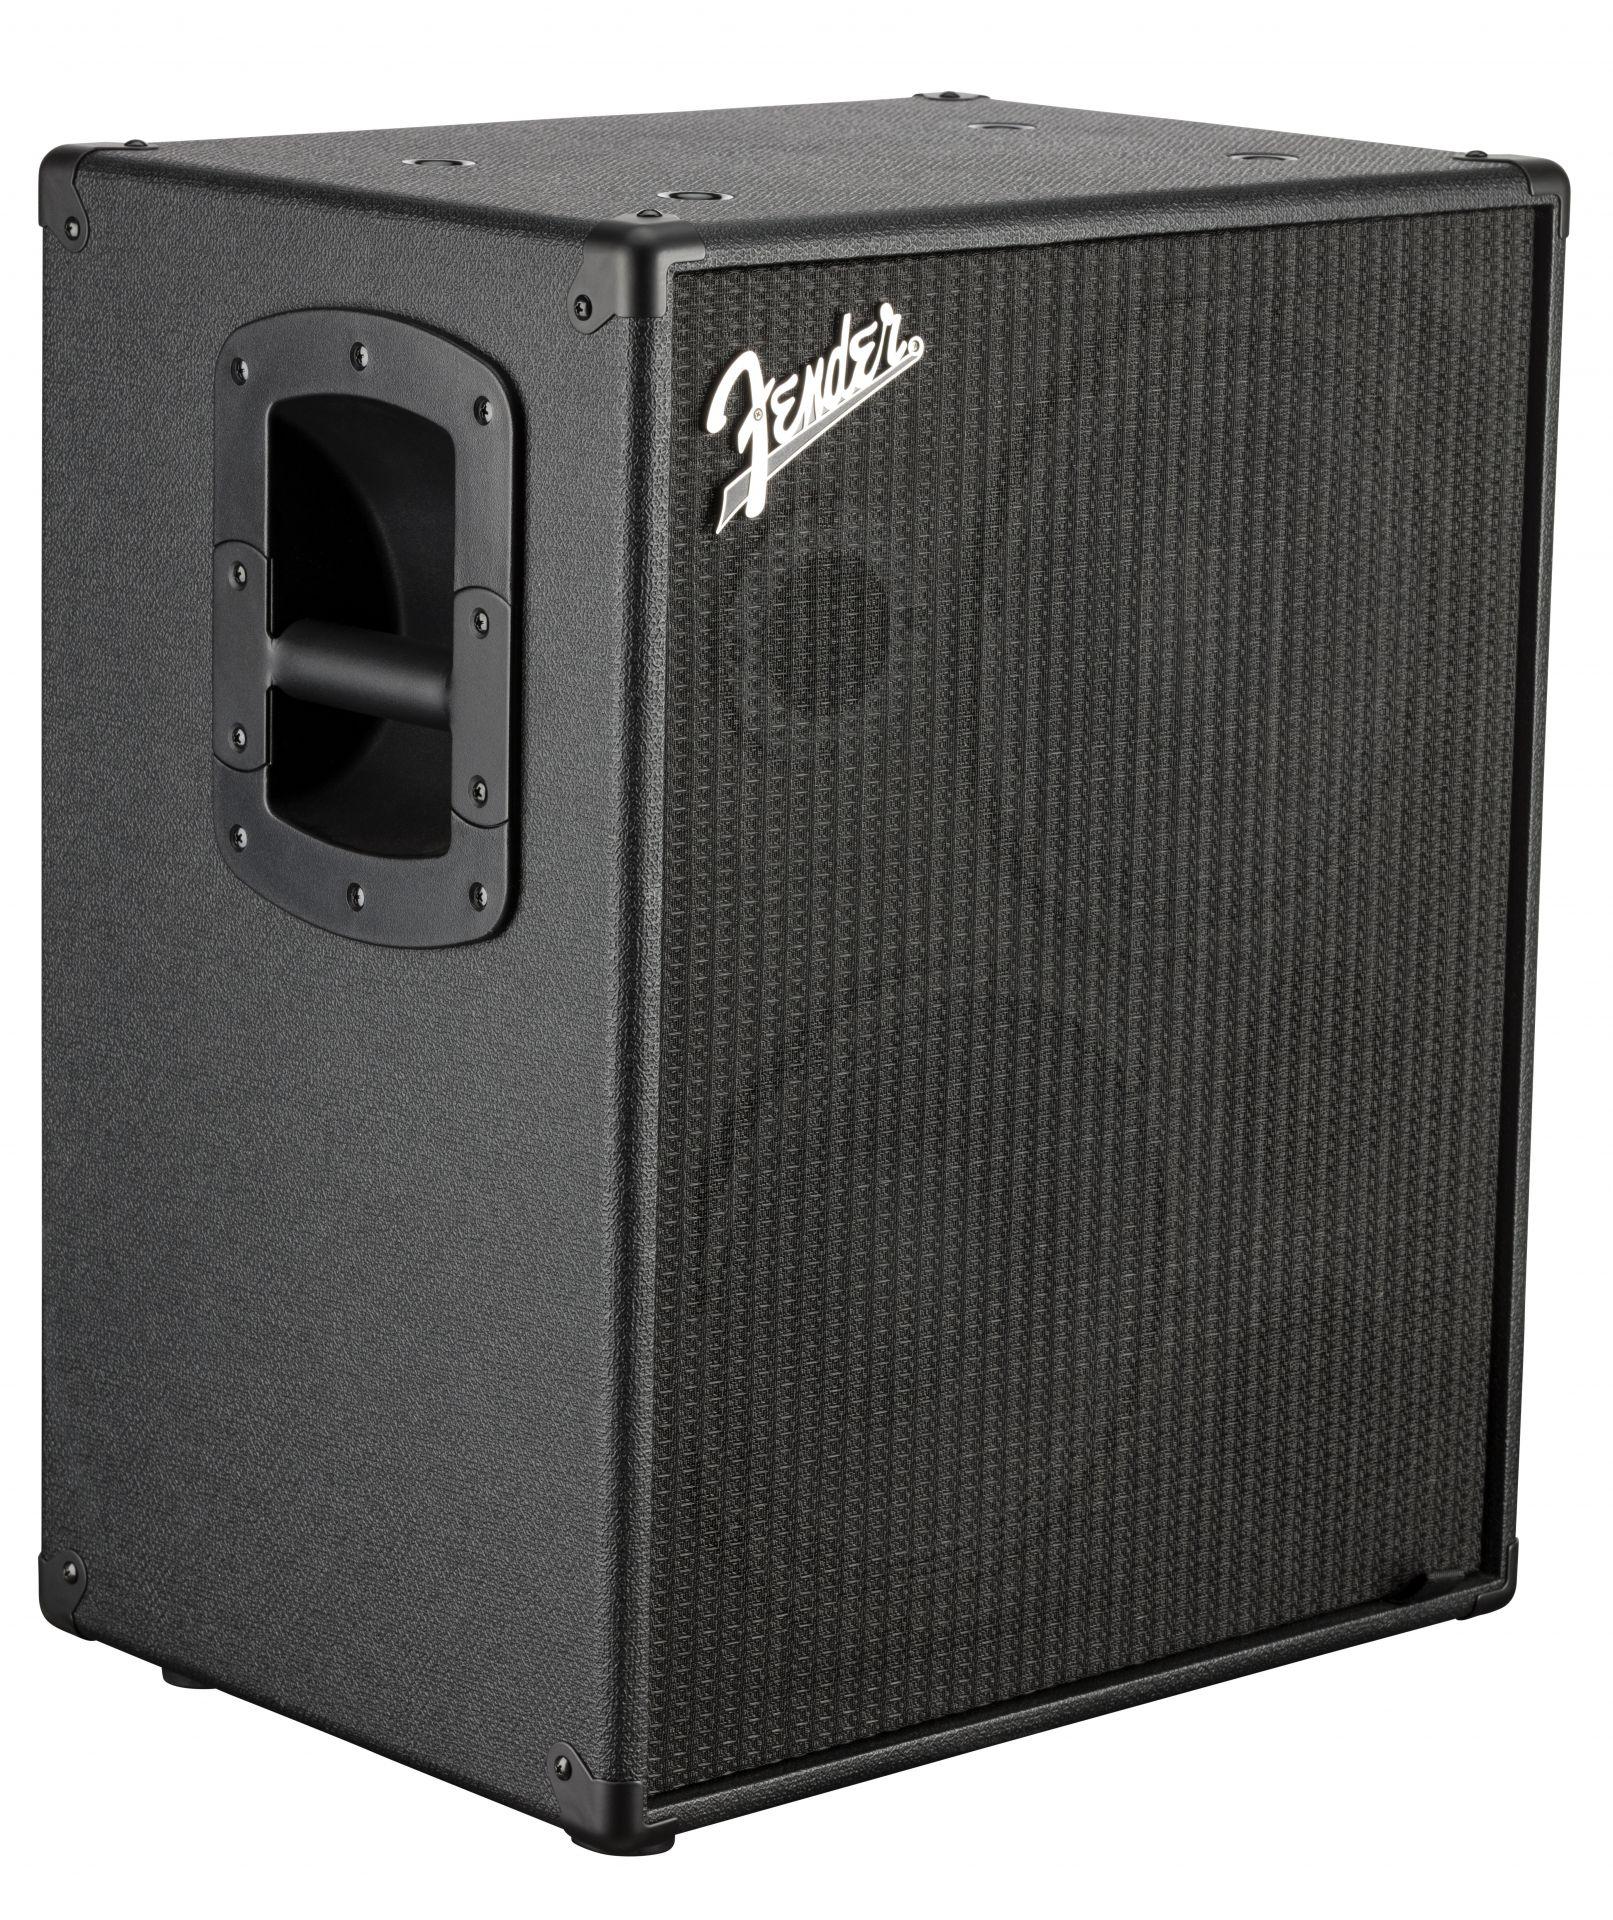 【ベース用キャビネット】 Fender 緻密なトーンディテールと密度の高い低域が特徴の Rumble210